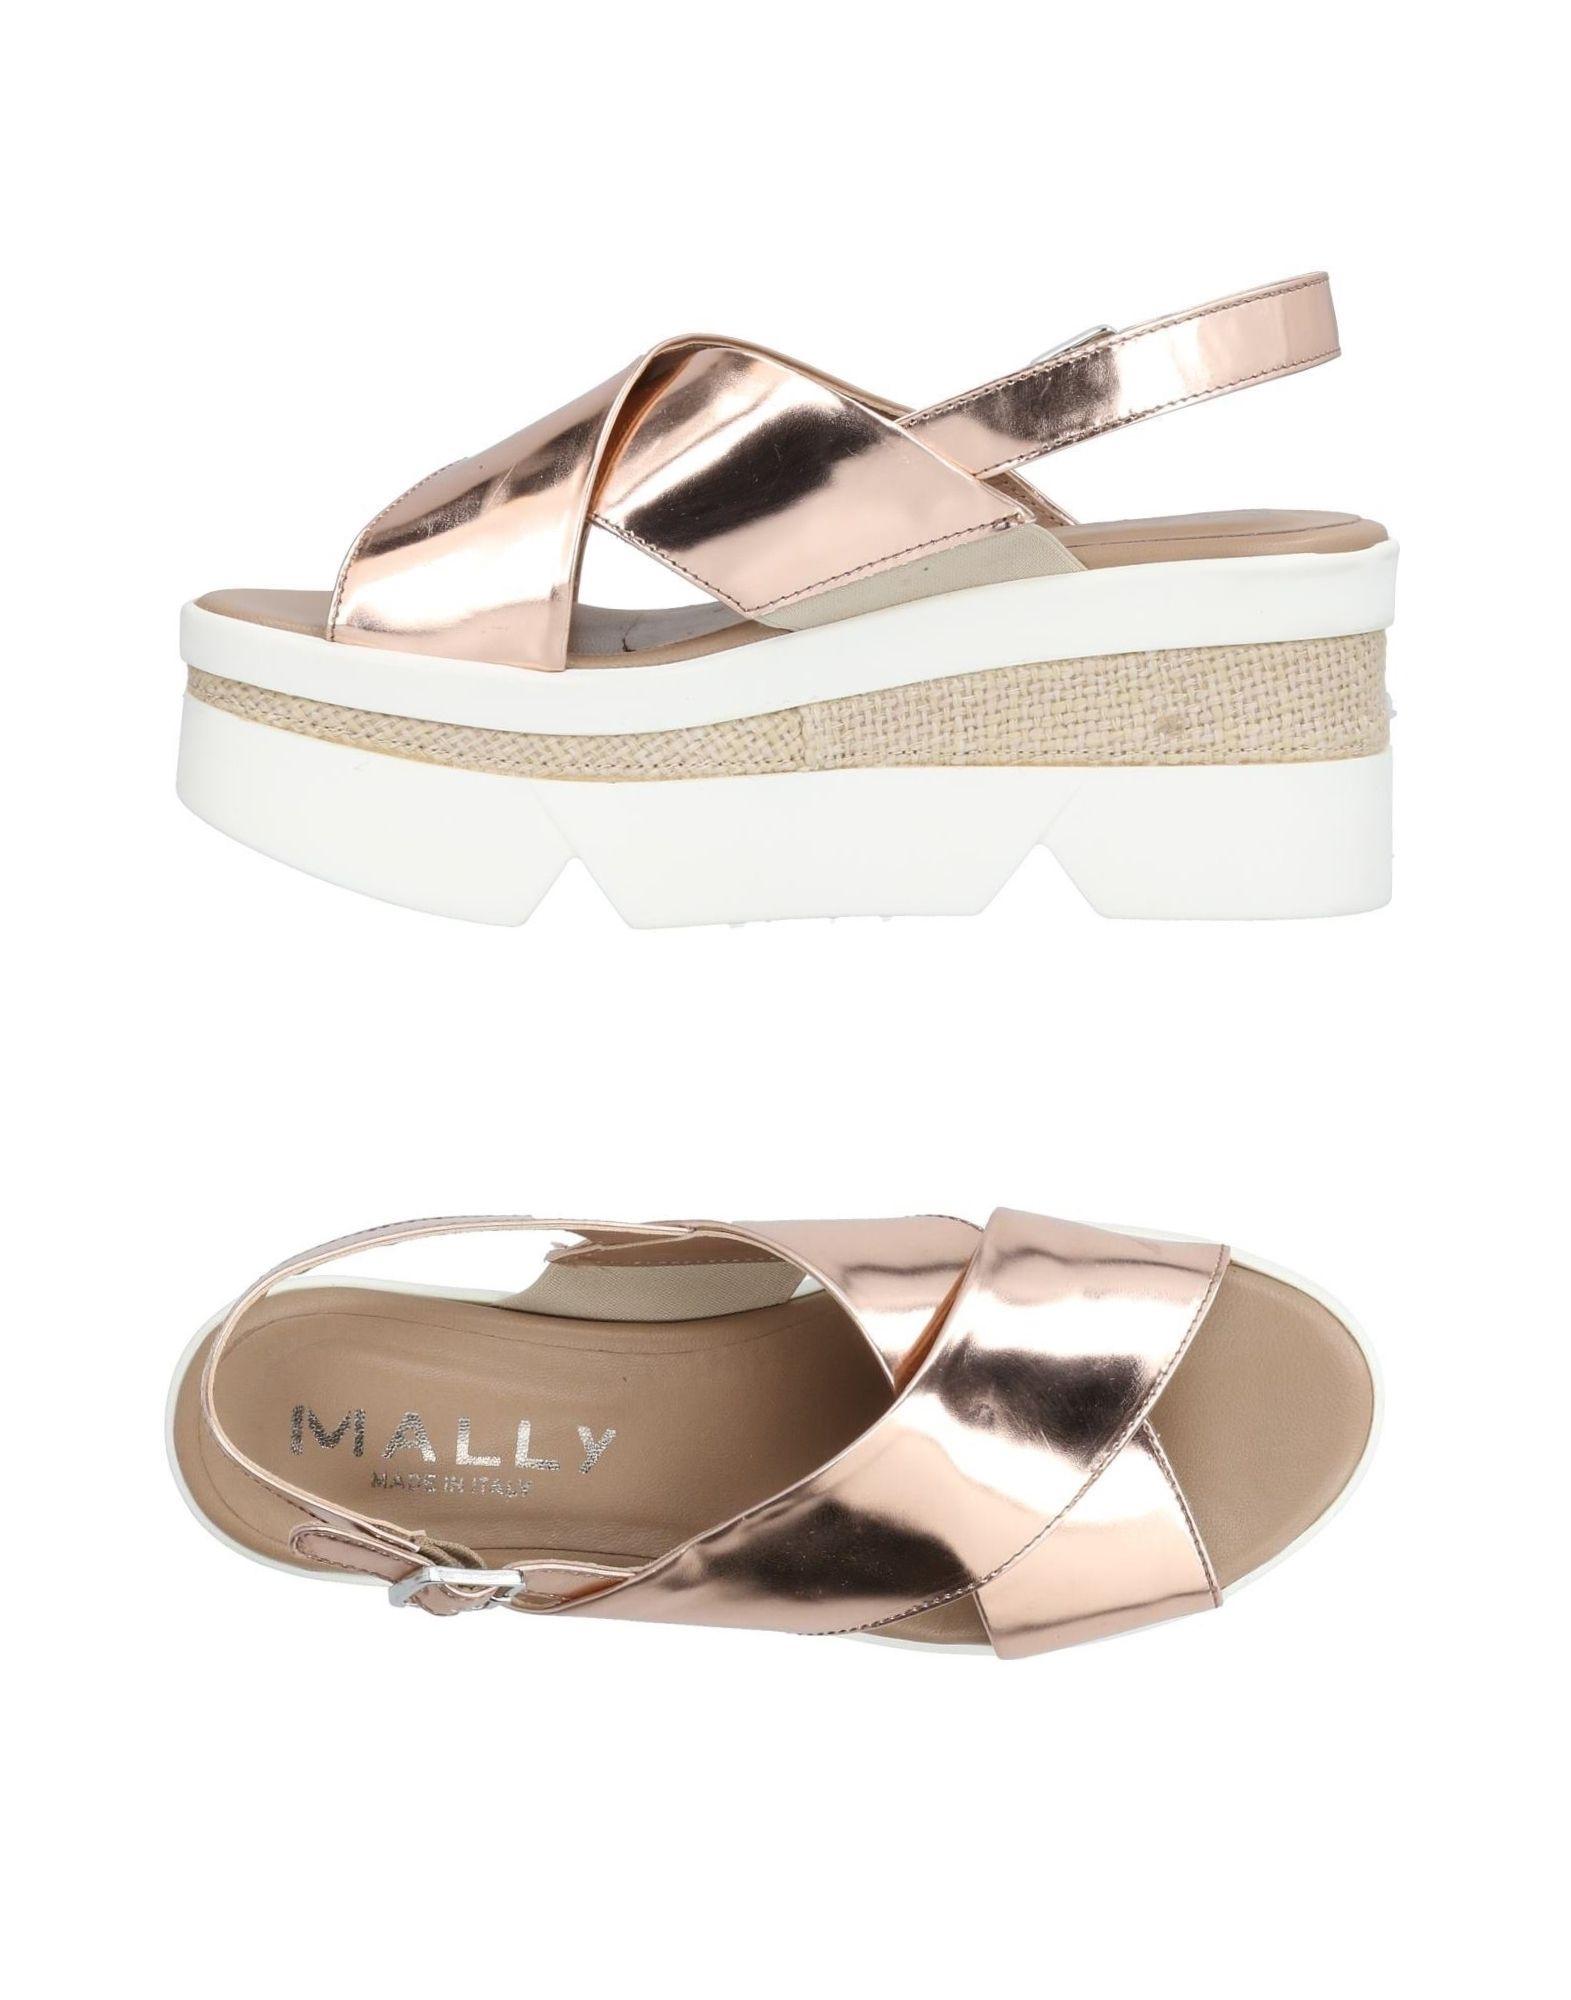 Mally Sandalen Damen  11442635CI Gute Qualität beliebte Schuhe